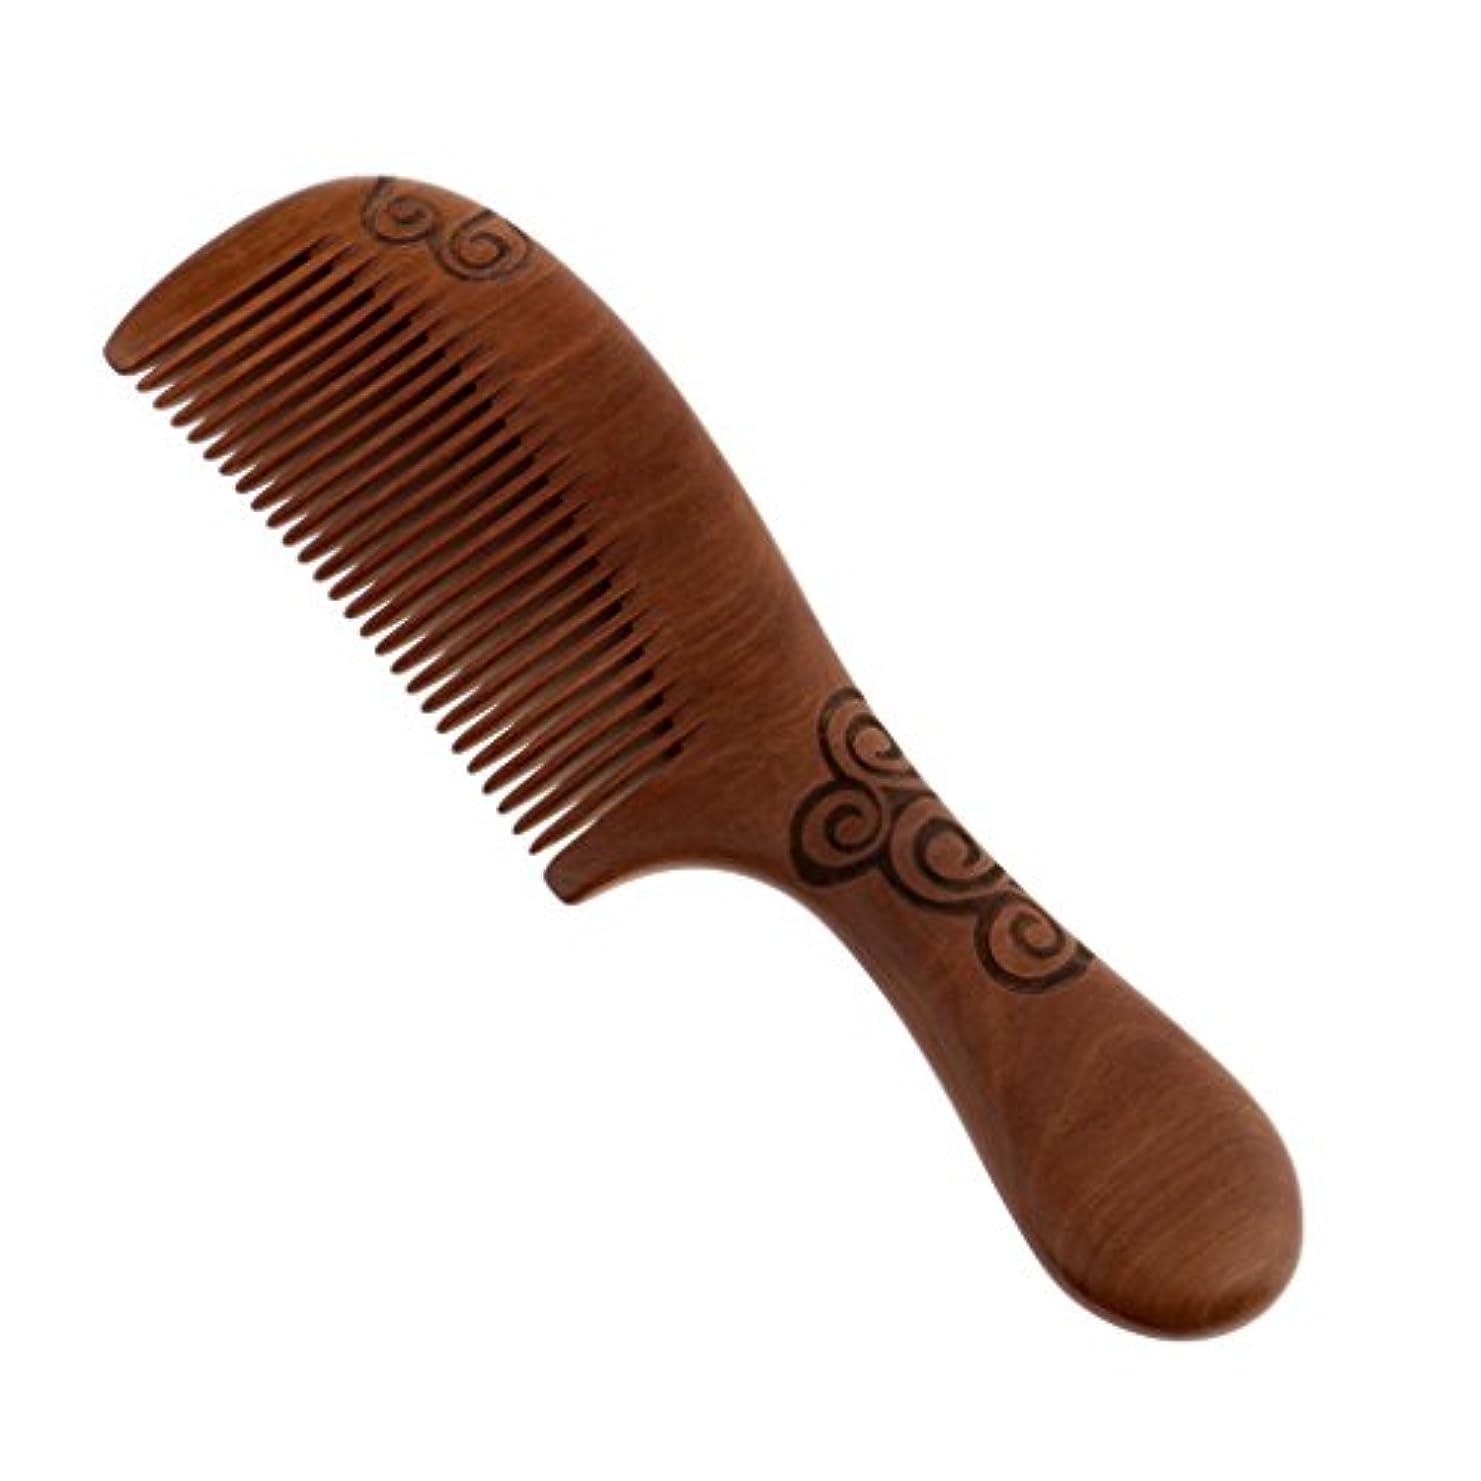 兵士ヒップワーカー櫛 コーム くし コーム ヘアコーム 木製 ヘア櫛 頭皮マッサージ 耐熱性 帯電防止